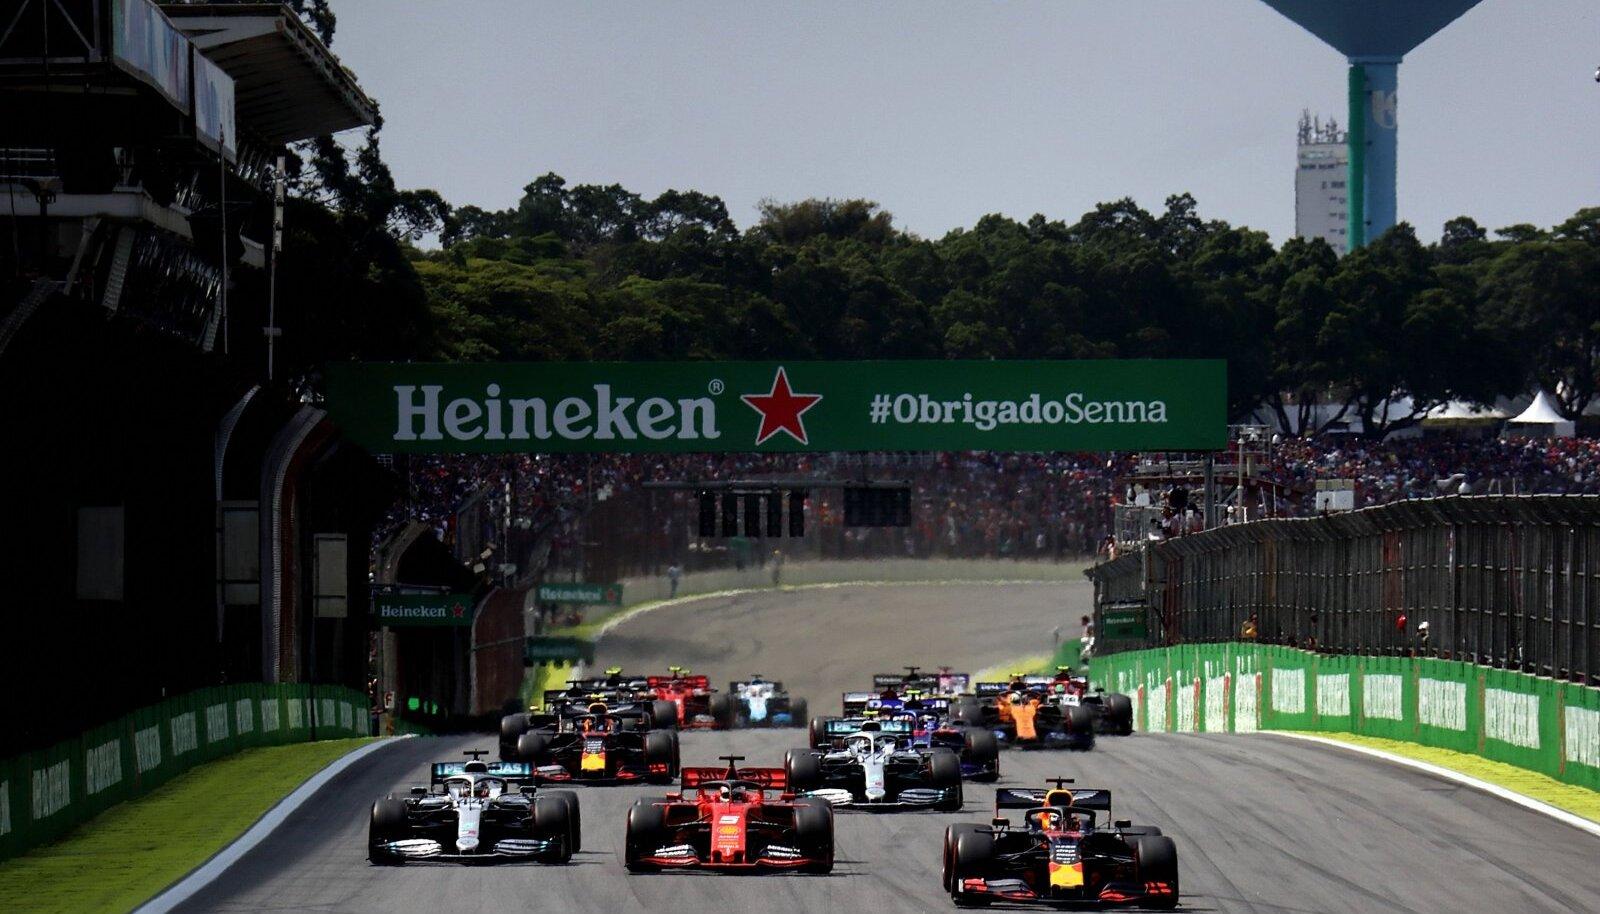 Vormel 1 autod Brasiilia GP rajal.